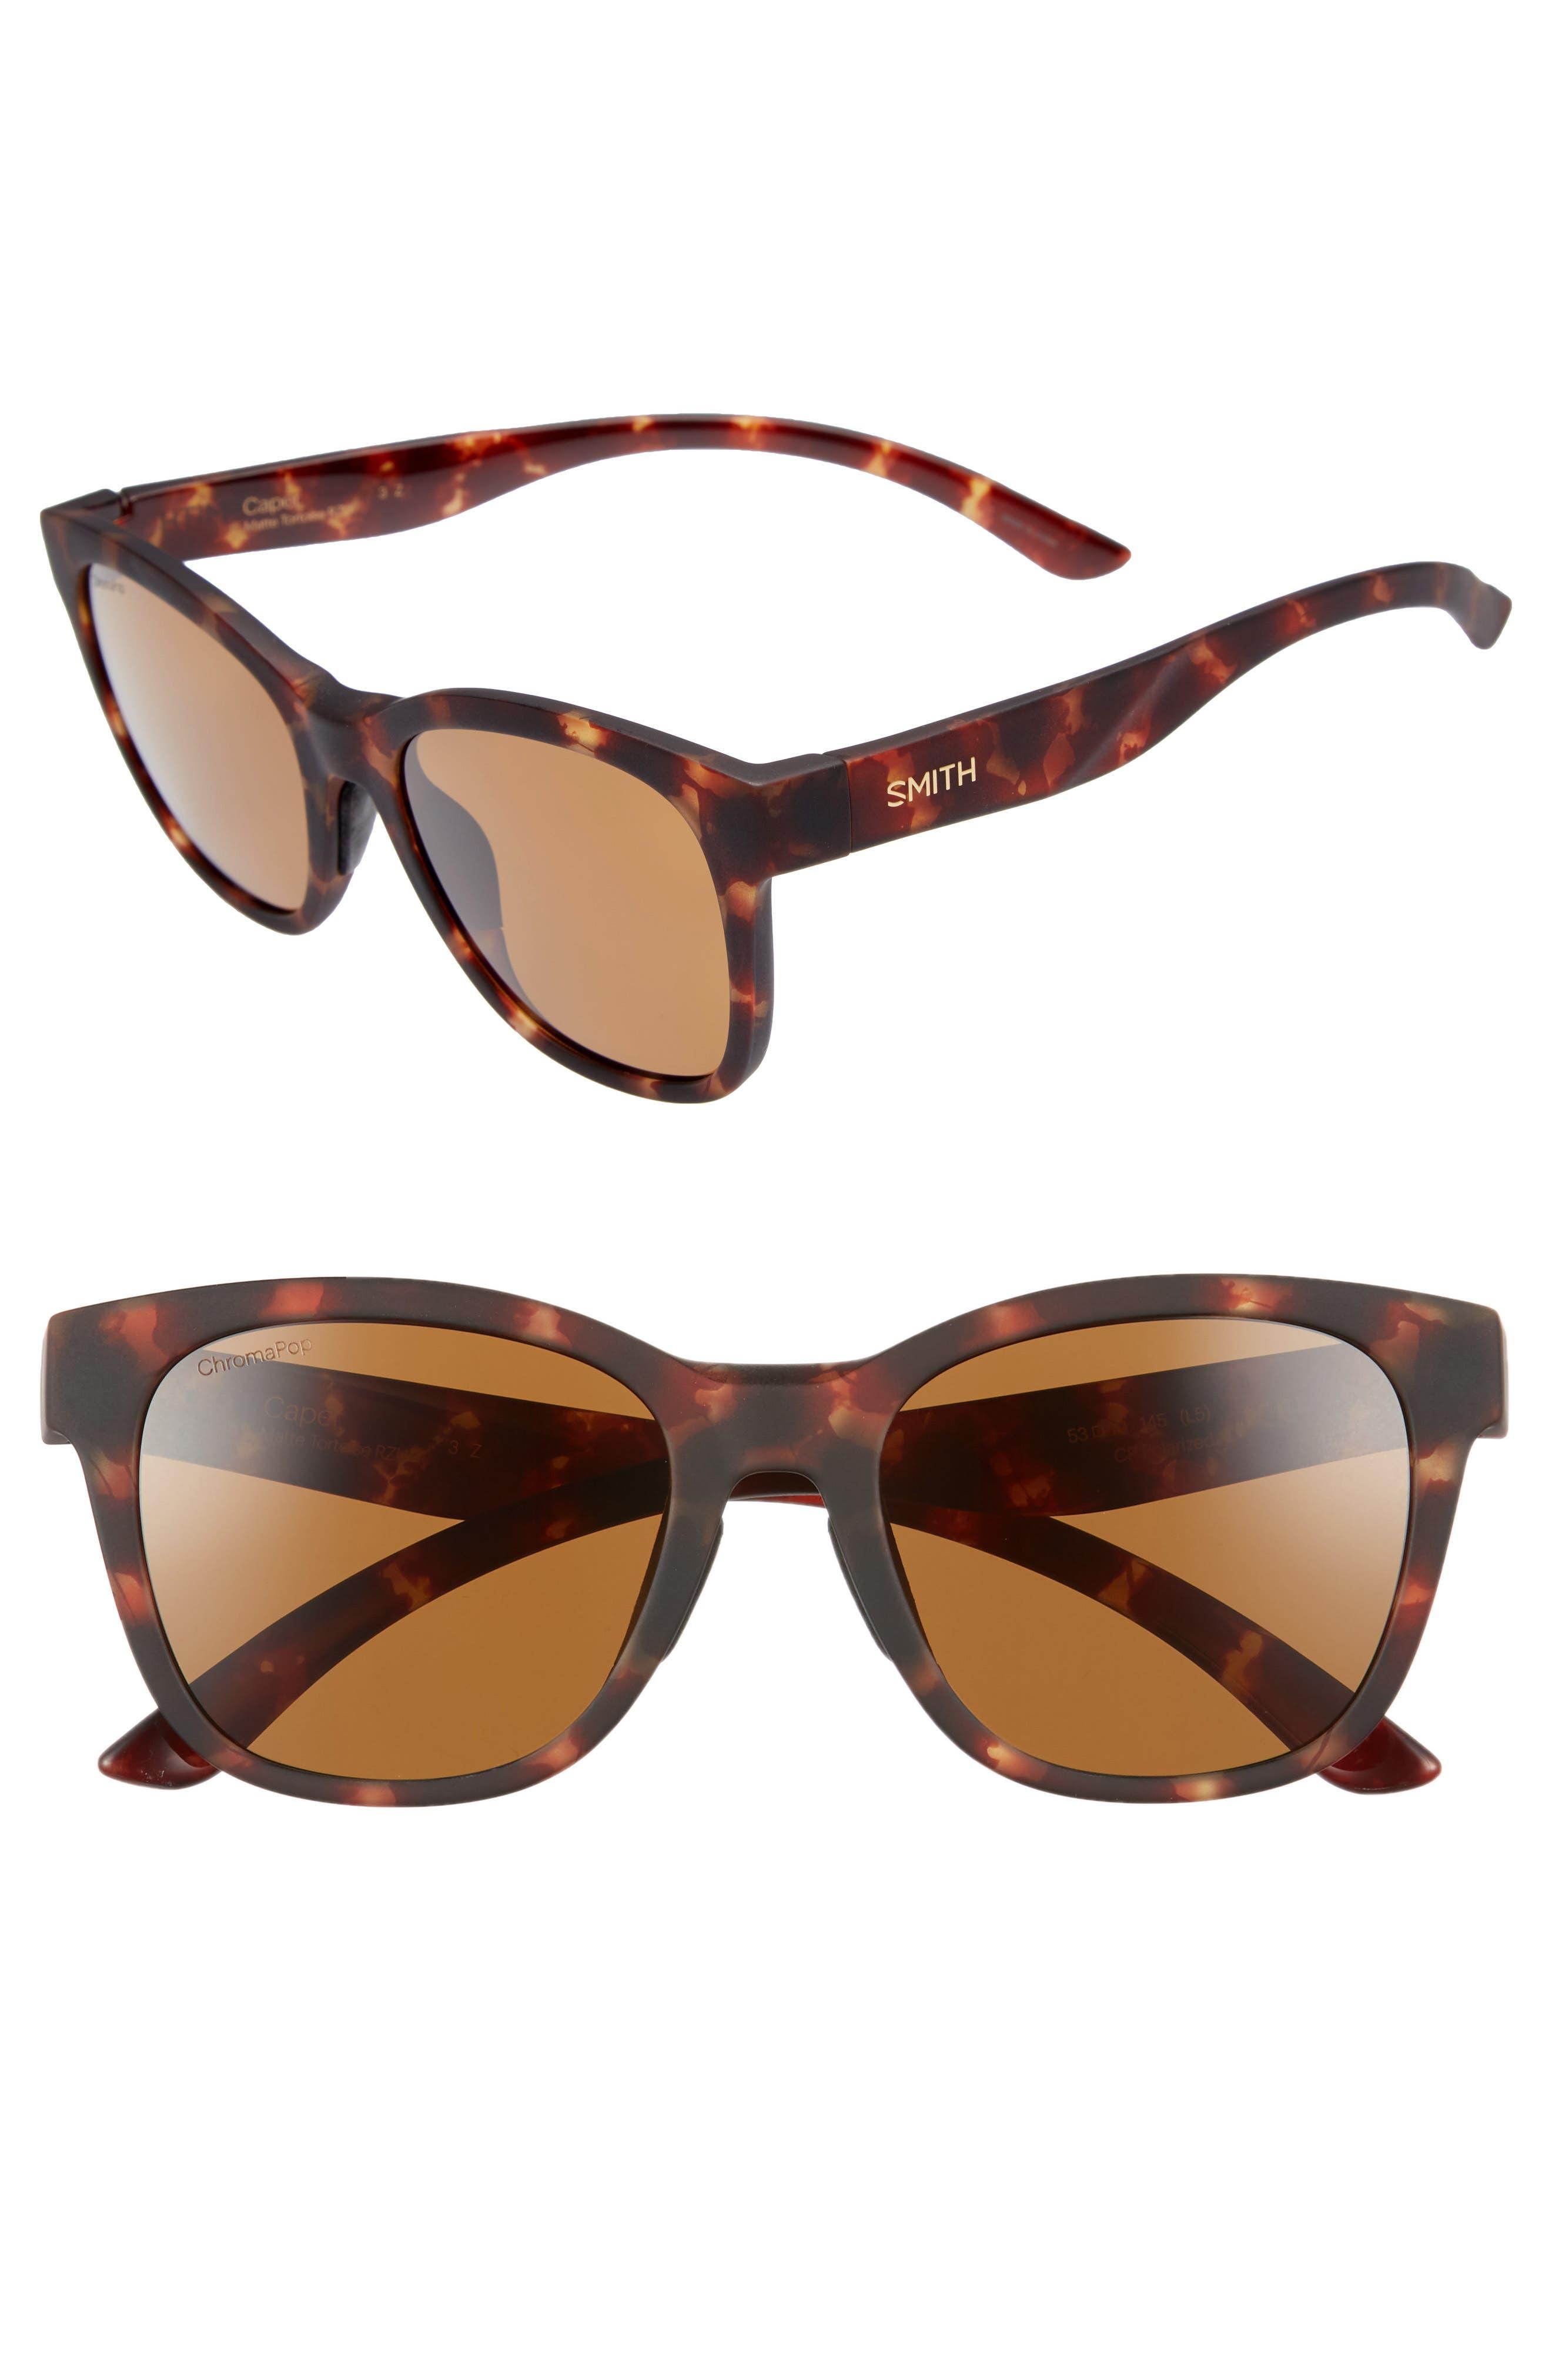 Smith Caper 53mm ChromaPop™ Square Sunglasses